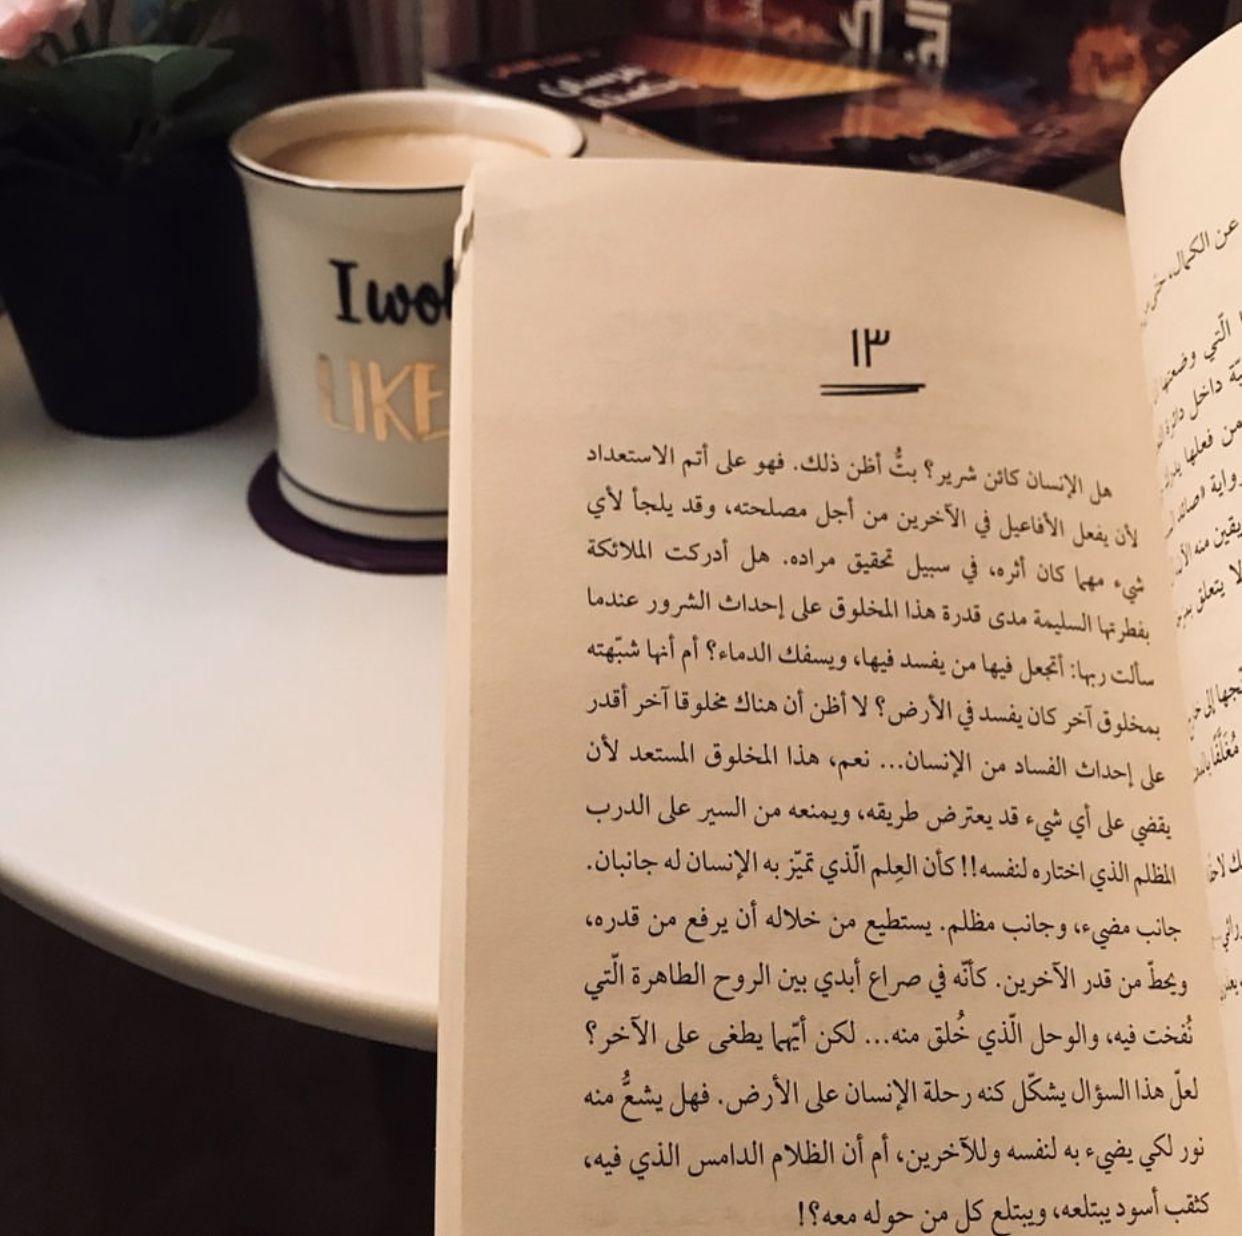 مقتبسة من رواية صائد الساحرات للكاتب د منذر القباني Arabic Quotes Love Quotes Paper Architecture